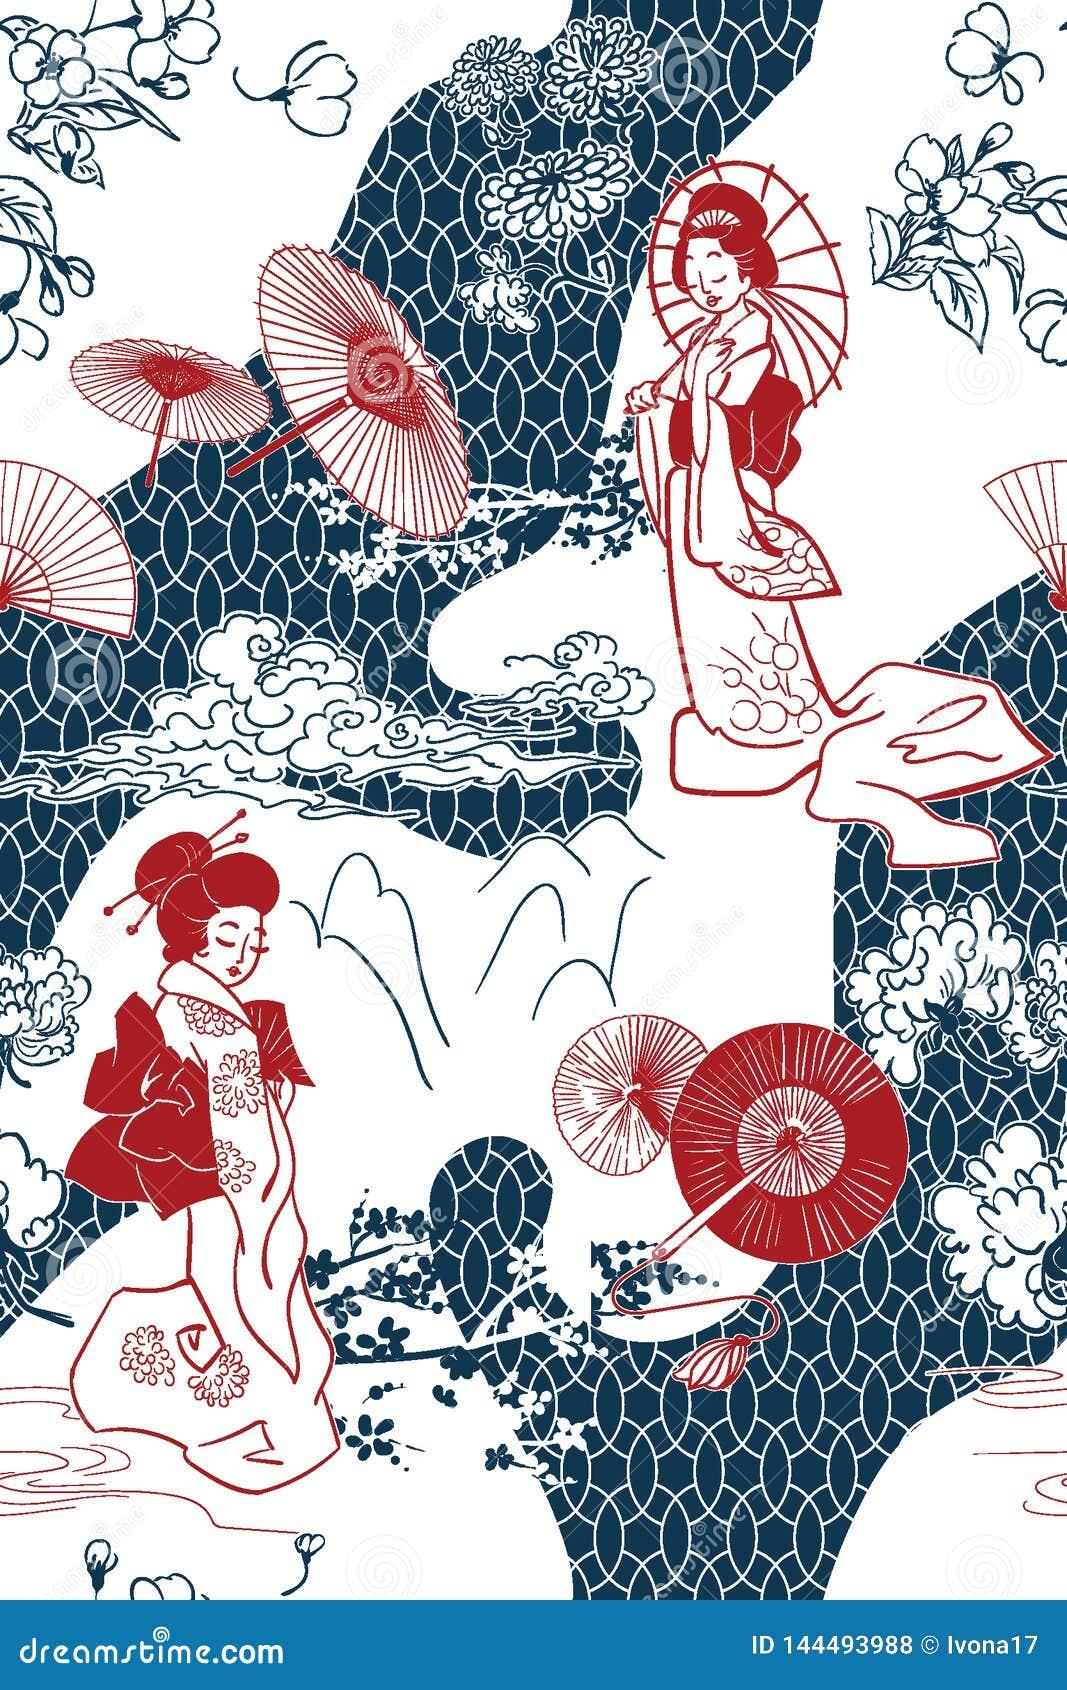 Ιαπωνικό παραδοσιακό διανυσματικό σχέδιο σκηνικού απεικόνισης oruental